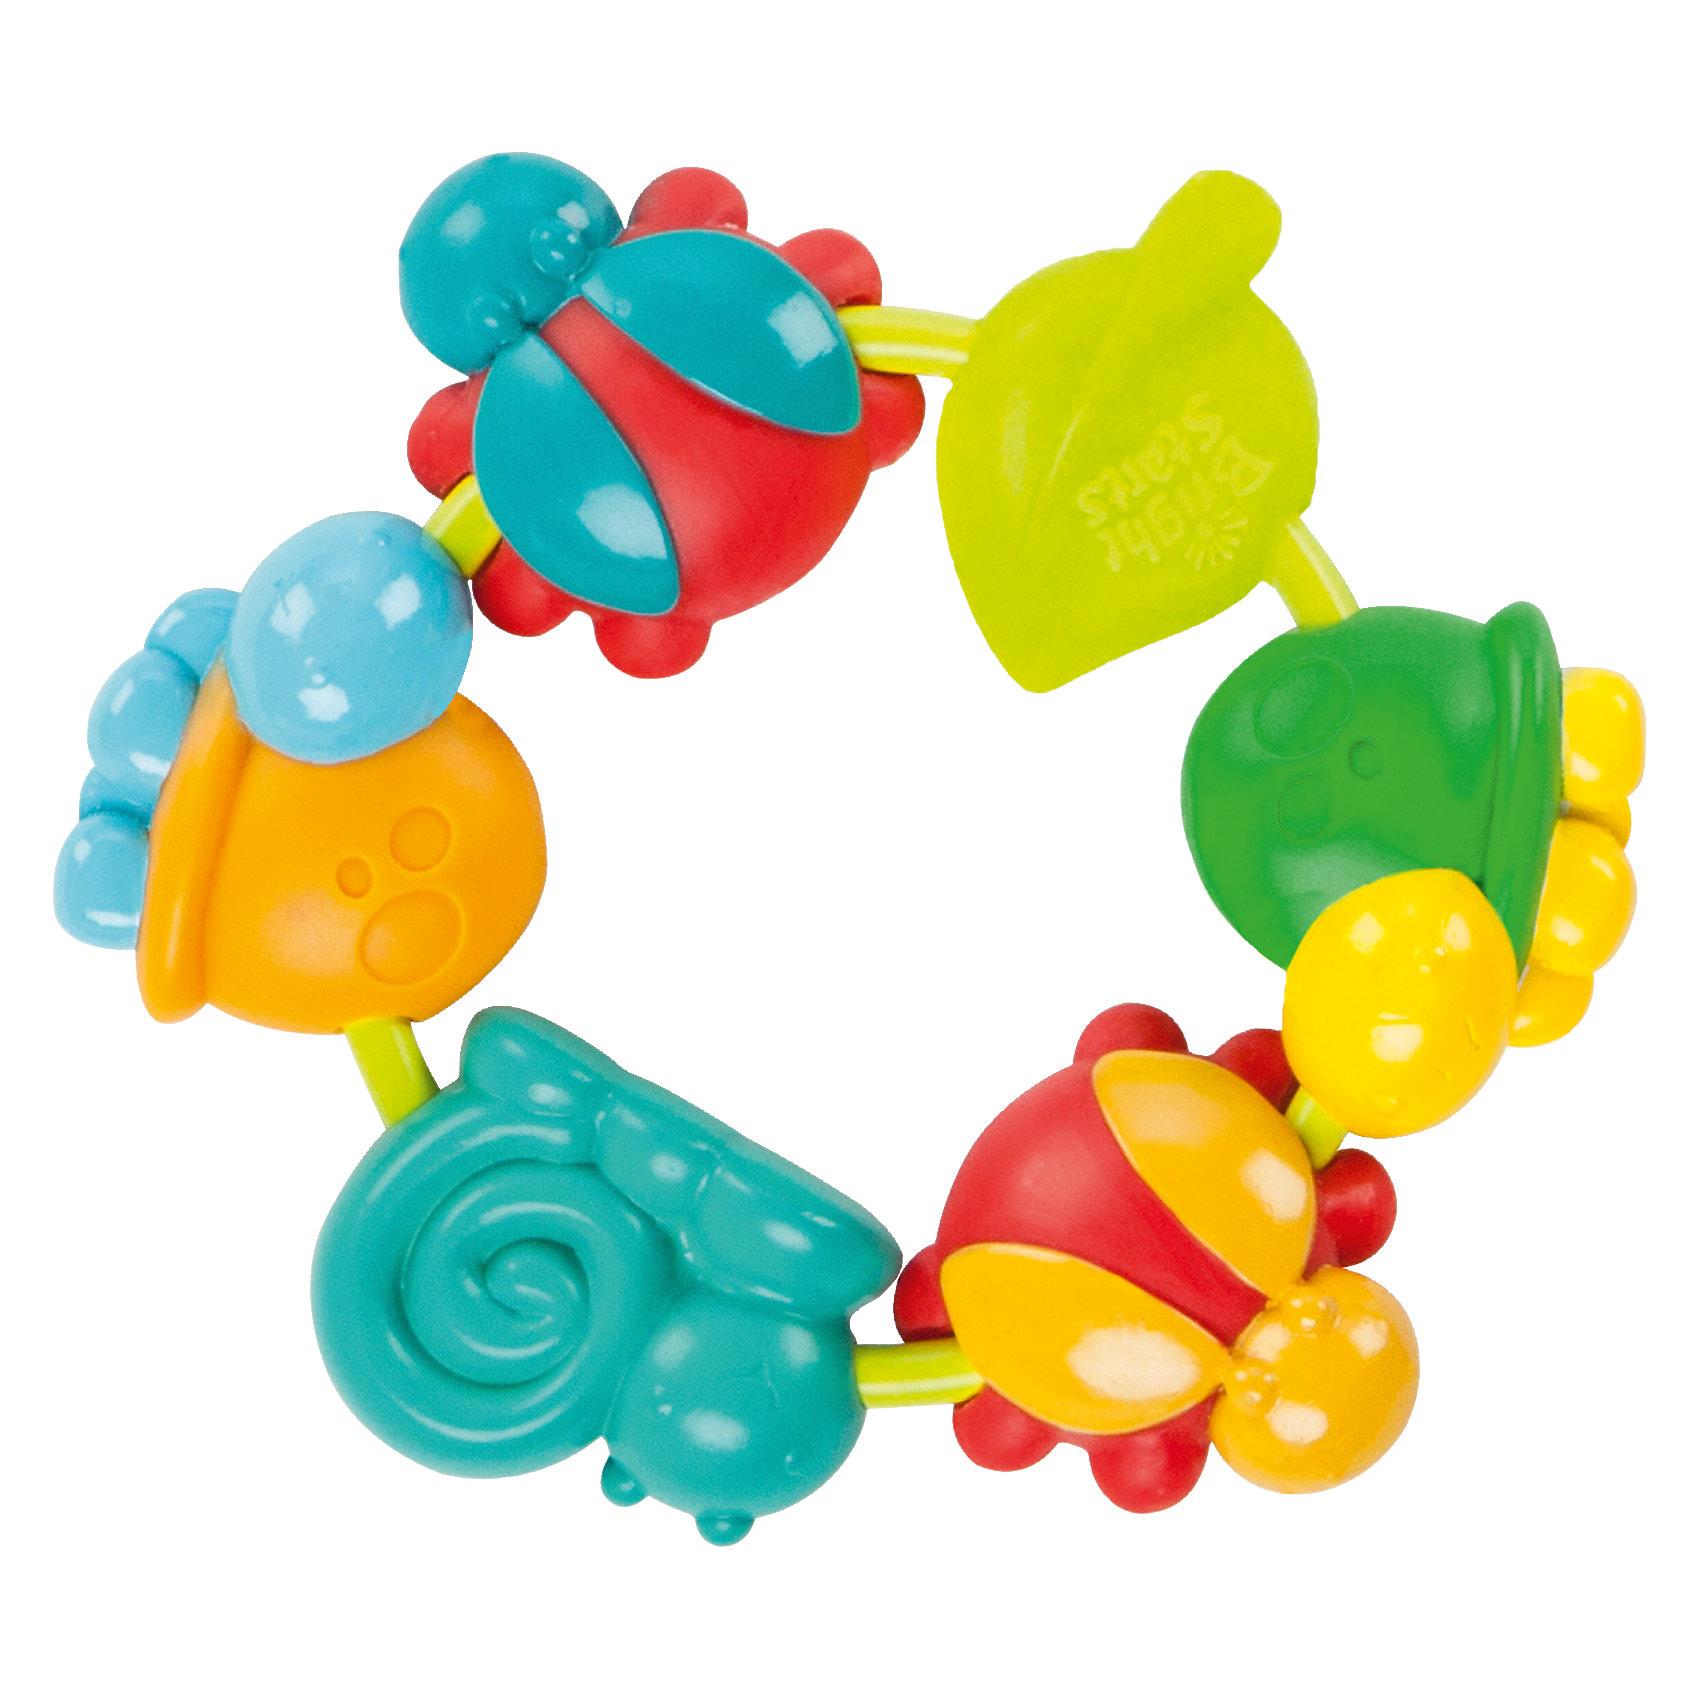 Прорезыватель для зубок Веселый хоровод, Bright StartsИгрушки для малышей<br>Прорезыватель для зубок Веселый хоровод, Bright Starts (Брайт Старс).<br><br>Характеристика:<br><br>• Материал: пластик. <br>• Размер упаковки: 20 х 15,5 х 3 см.<br>• Эффективно успокоит нежные десны малыша. <br>• Яркий привлекательный дизайн. <br>• Разноцветные игрушки разной формы помогут развить моторику рук и цветовосприятие. <br><br>Яркий прорезыватель успокоит нежные десны крохи, а разноцветные игрушки помогут развить мелкую моторику, цветовосприятие, тактильные ощущения. Прорезыватель идеально подходит для маленьких детских ручек и пальчиков, изготовлен из высококачественных нетоксичных материалов безопасных для детей.   <br><br>Прорезыватель для зубок Веселый хоровод, Bright Starts (Брайт Старс), можно купить в нашем интернет-магазине.<br><br>Ширина мм: 200<br>Глубина мм: 131<br>Высота мм: 22<br>Вес г: 81<br>Возраст от месяцев: 3<br>Возраст до месяцев: 24<br>Пол: Унисекс<br>Возраст: Детский<br>SKU: 4585926